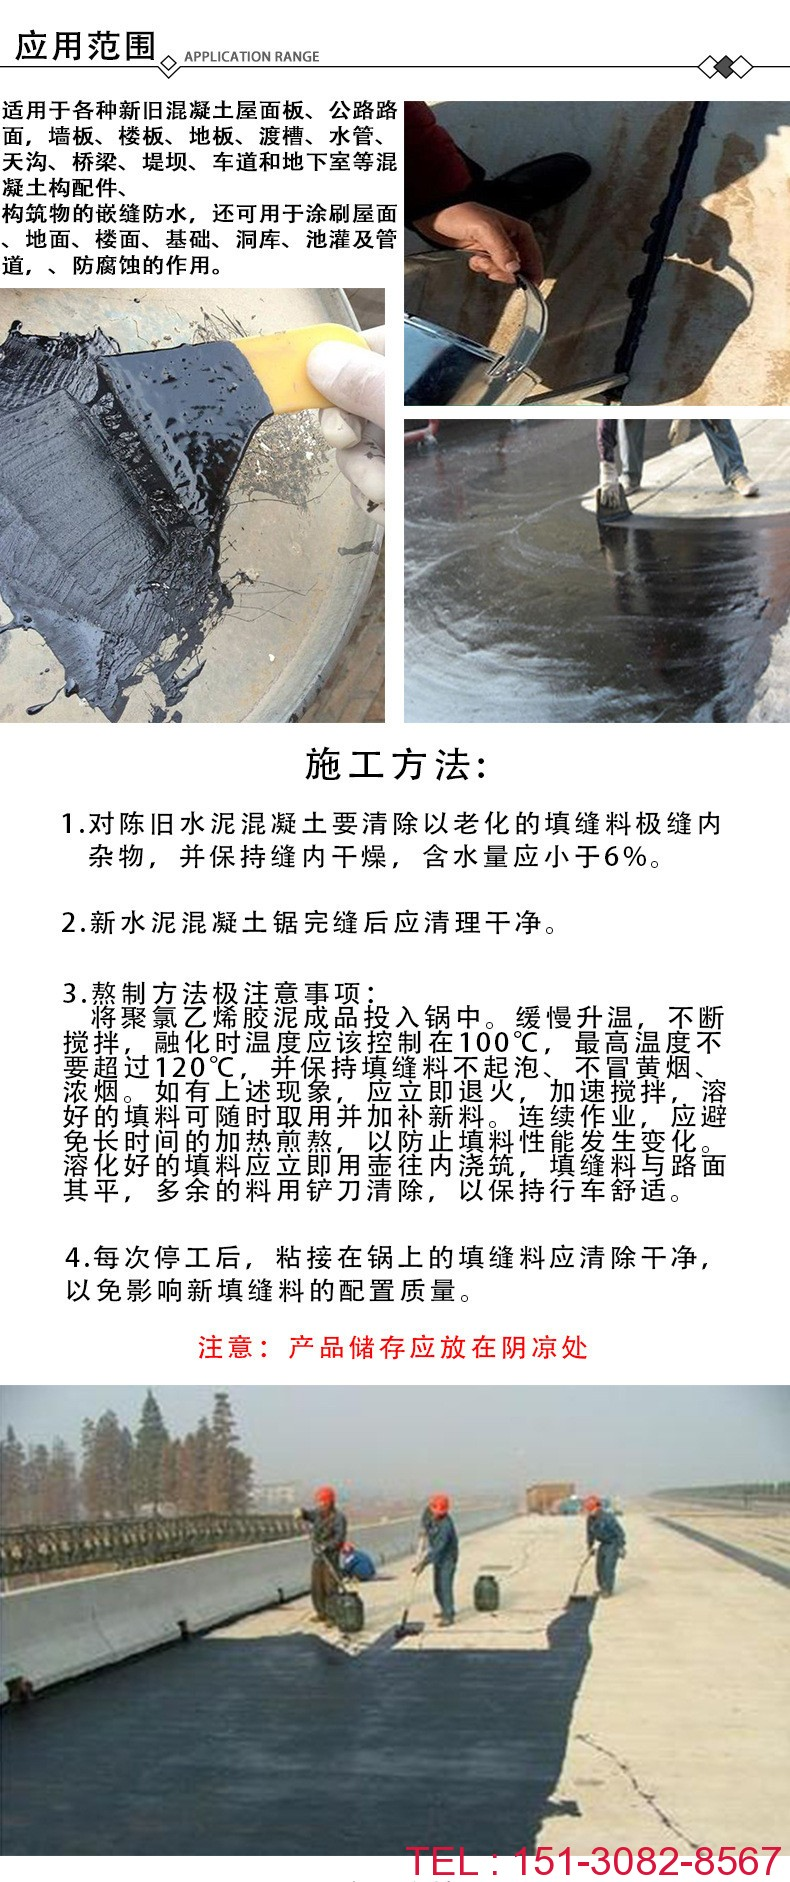 阻燃玛蹄脂 嵌缝沥青胶泥(环保型)防腐防水材料新品推介4